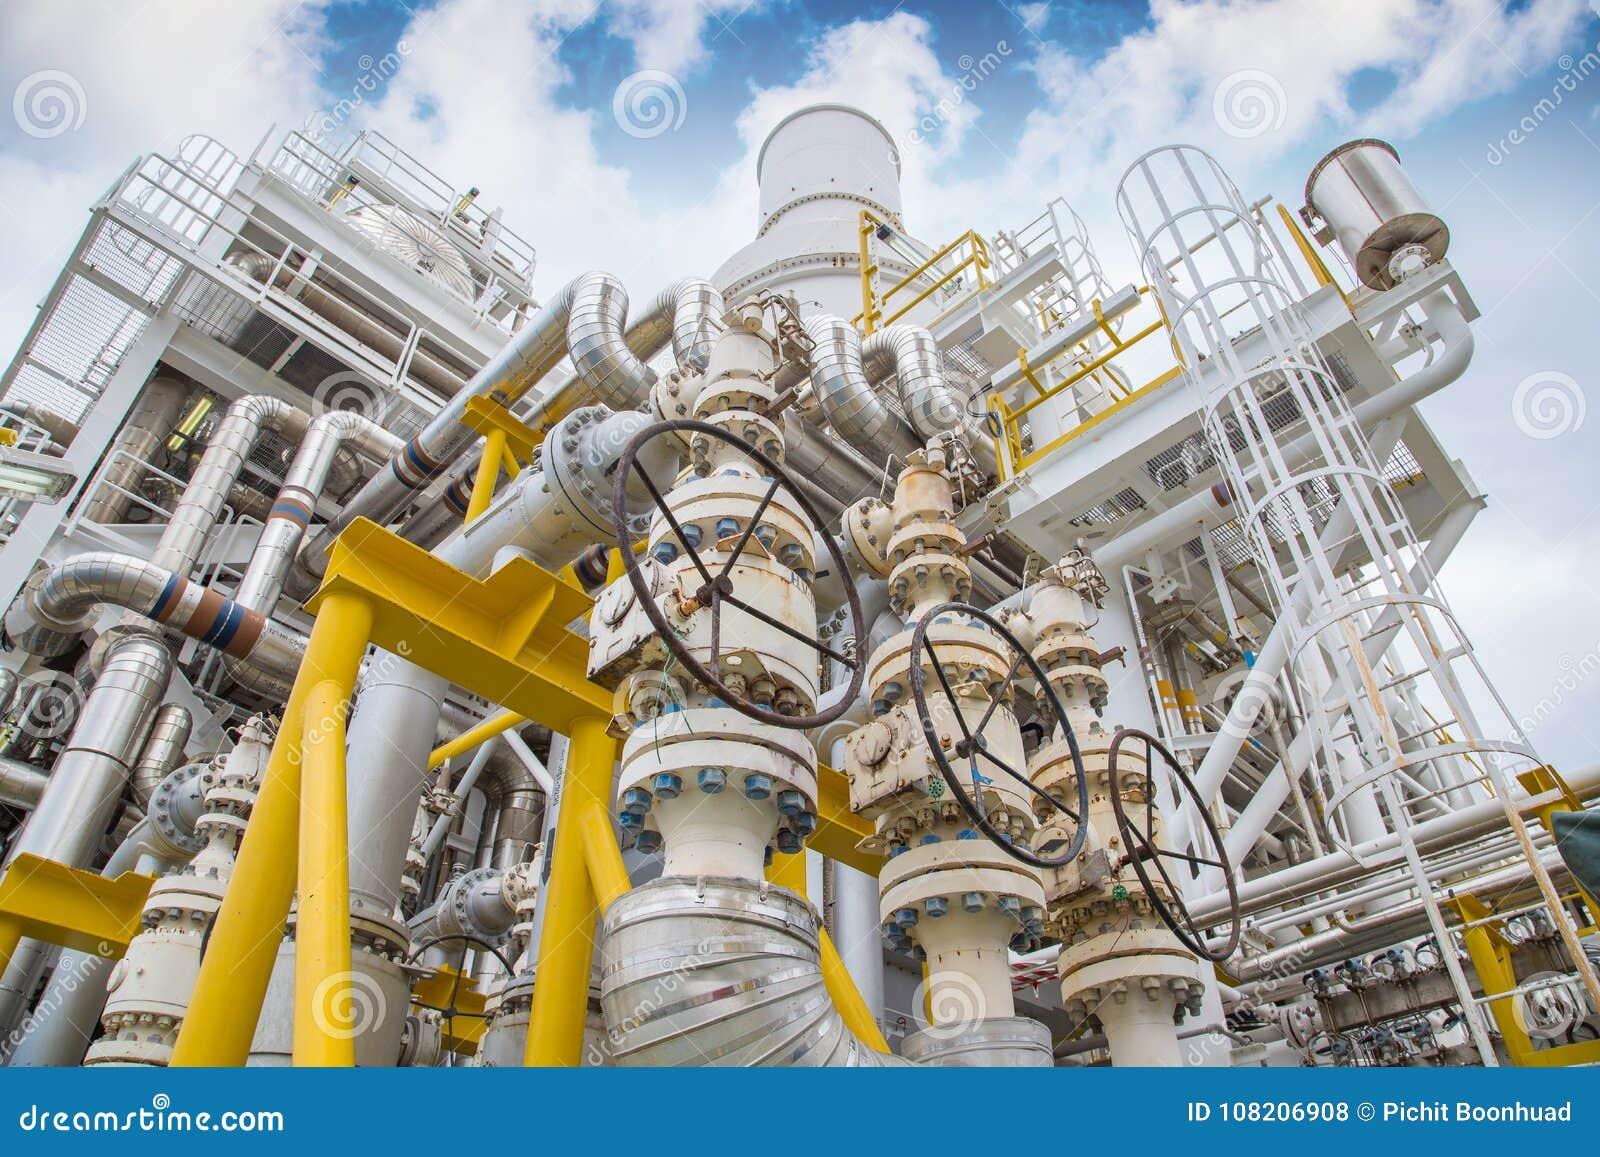 Ejerza presión sobre la válvula de seguridad, la válvula de descarga en la succión y la descarga del compresor de la turbina de g